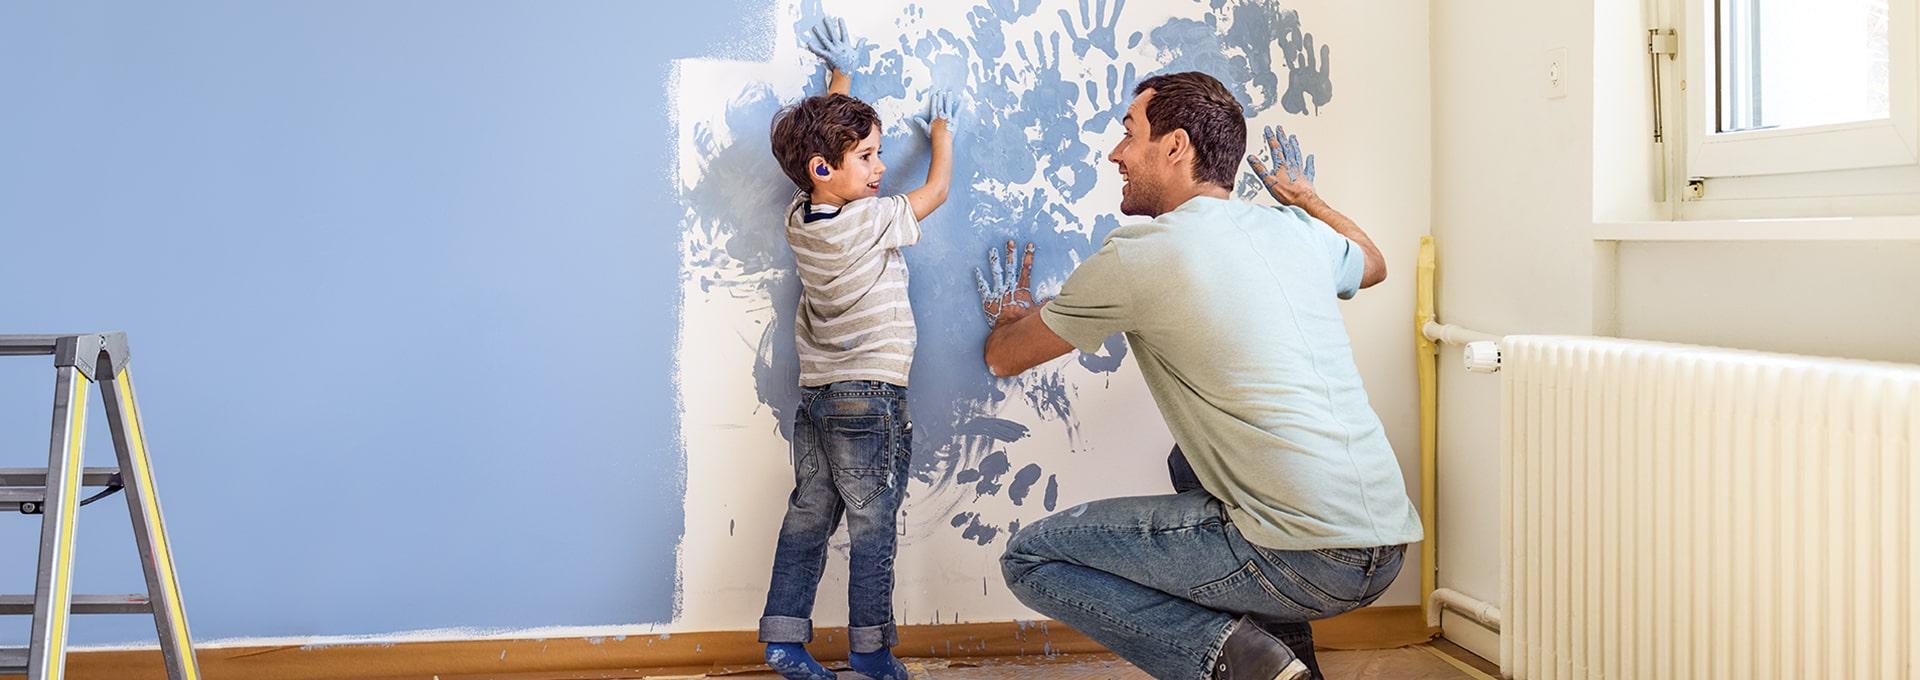 Ojciec oraz jego syn z aparatami Leox Super Power|Ultra Power świetnie się bawią przy malowaniu ściany.